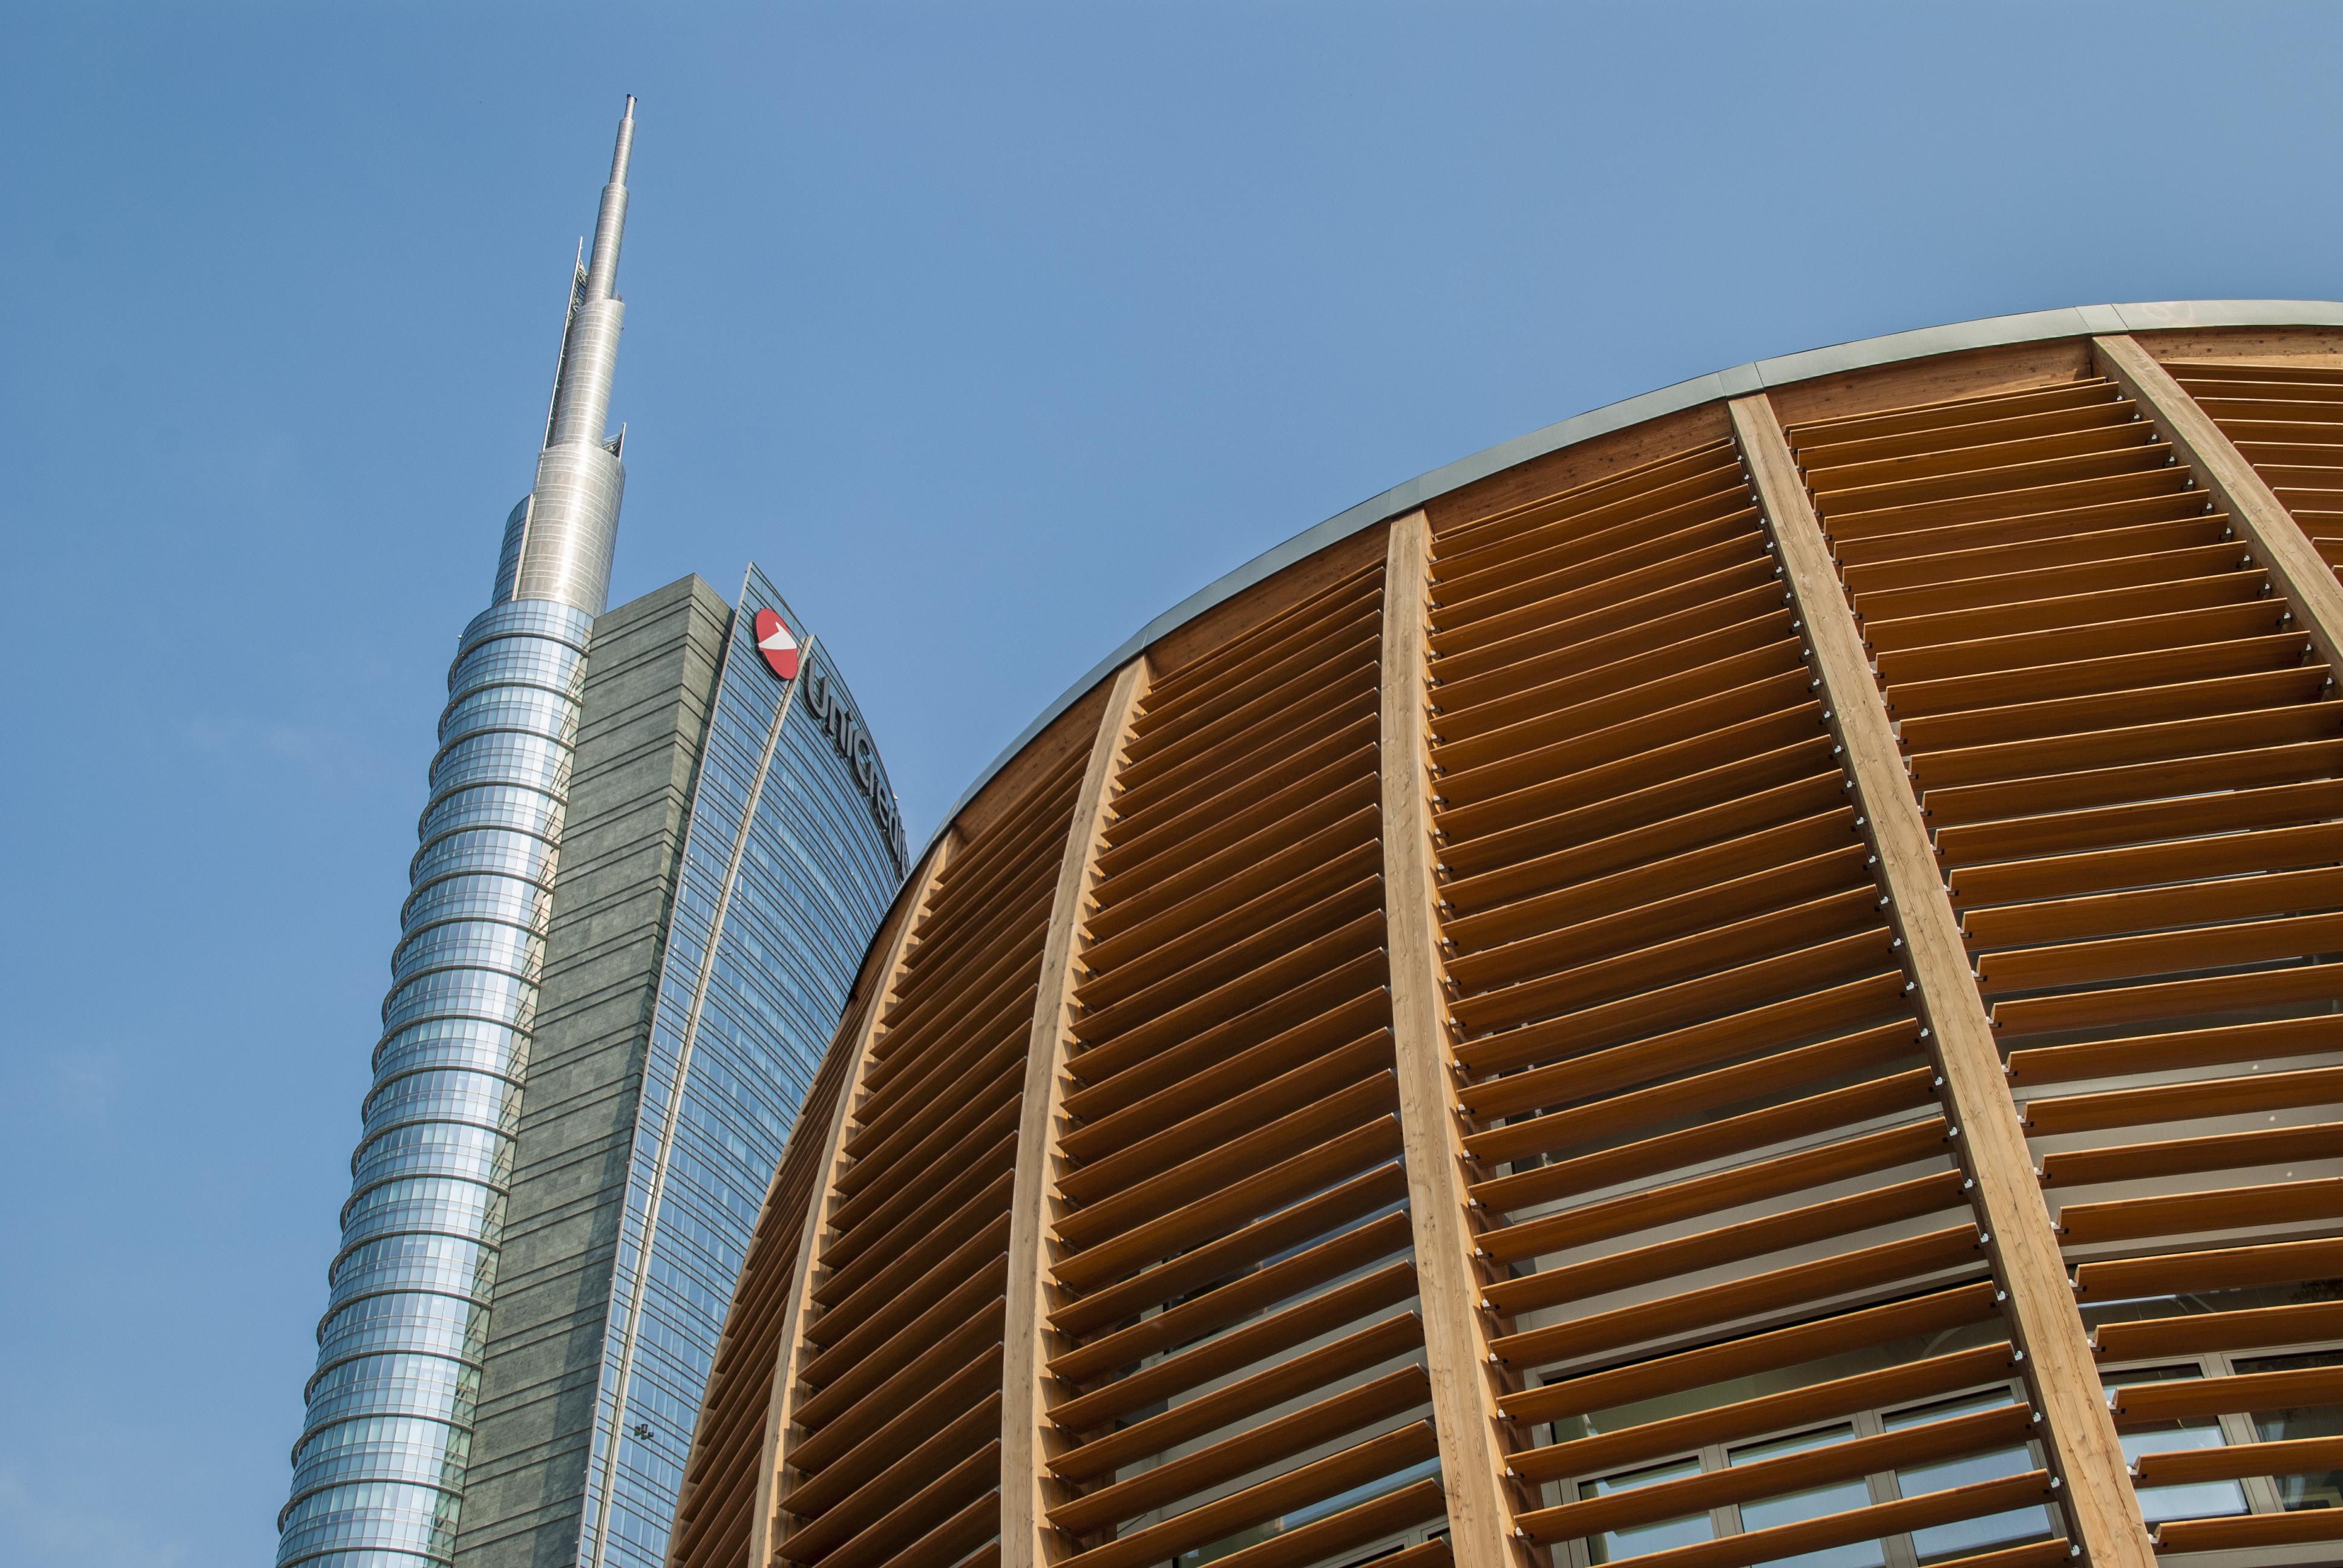 architettura moderna a milano foto gratuite in alta